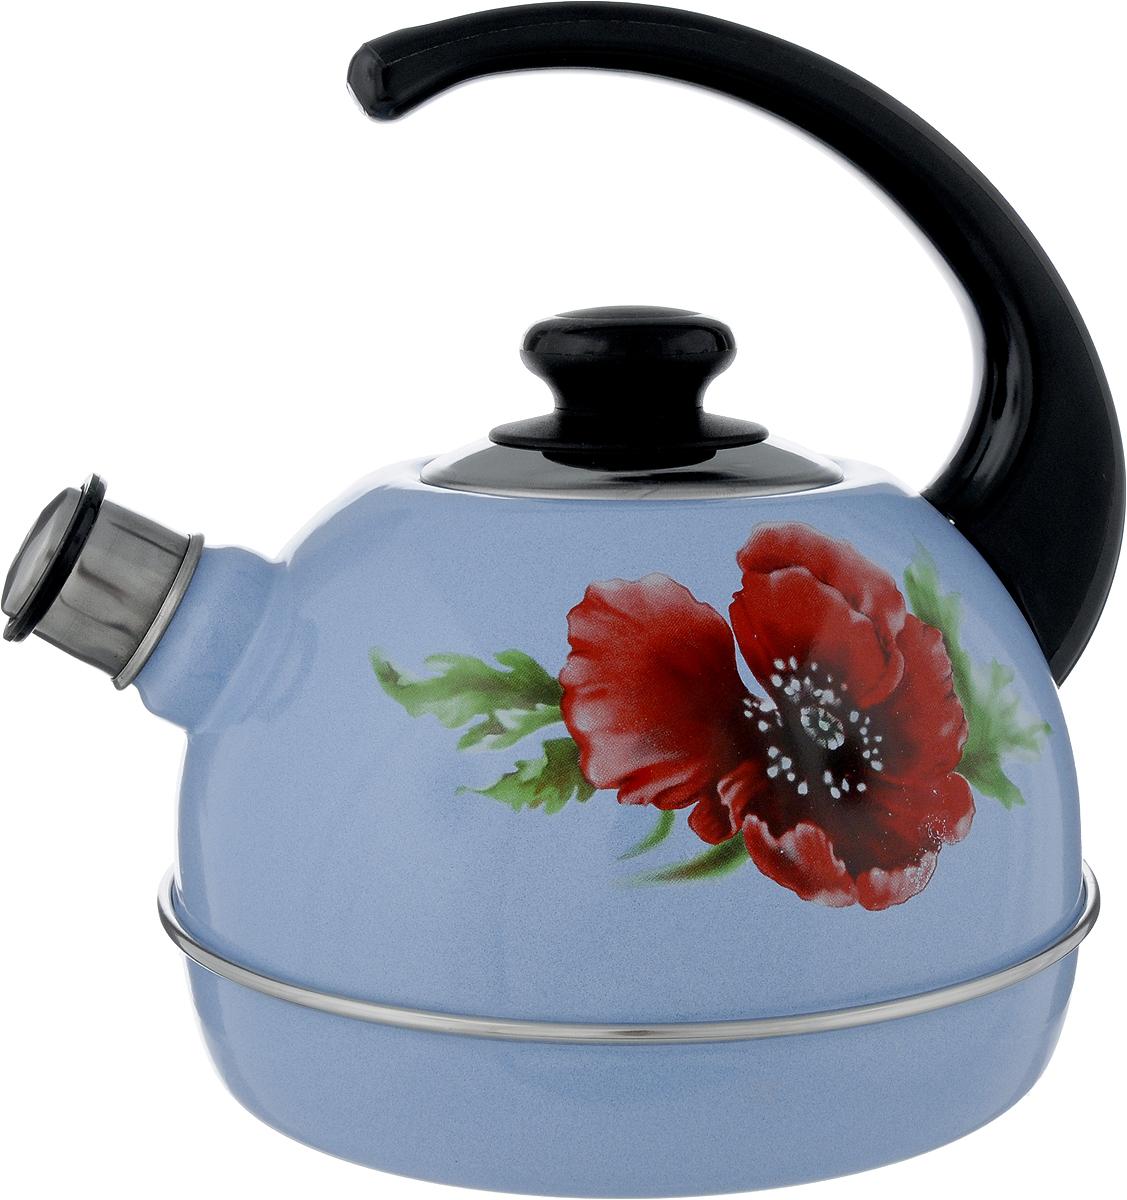 Чайник эмалированный Рубин Маковый цветок, со свистком, 3,5 л54 009303Чайник Рубин Маковый цветок выполнен из высококачественного стального проката, что обеспечивает долговечность использования. Внешнее трехслойное эмалевое покрытие Mefrit не вступает во взаимодействие с пищевыми продуктами. Такое покрытие защищает сталь от коррозии, придает посуде гладкую стекловидную поверхность и надежно защищает от кислот и щелочей. Чайник оснащен фиксированной ручкой из пластика и крышкой, которая плотно прилегает к краю. Носик чайника оснащен съемным свистком, звуковой сигнал которого подскажет, когда закипит вода. Можно мыть в посудомоечной машине. Пригоден для всех видов плит, включая индукционные. Высота чайника (с учетом ручки): 24 см.Высота чайника (без учета крышки и ручки): 14 см.Диаметр по верхнему краю: 8,7 см.